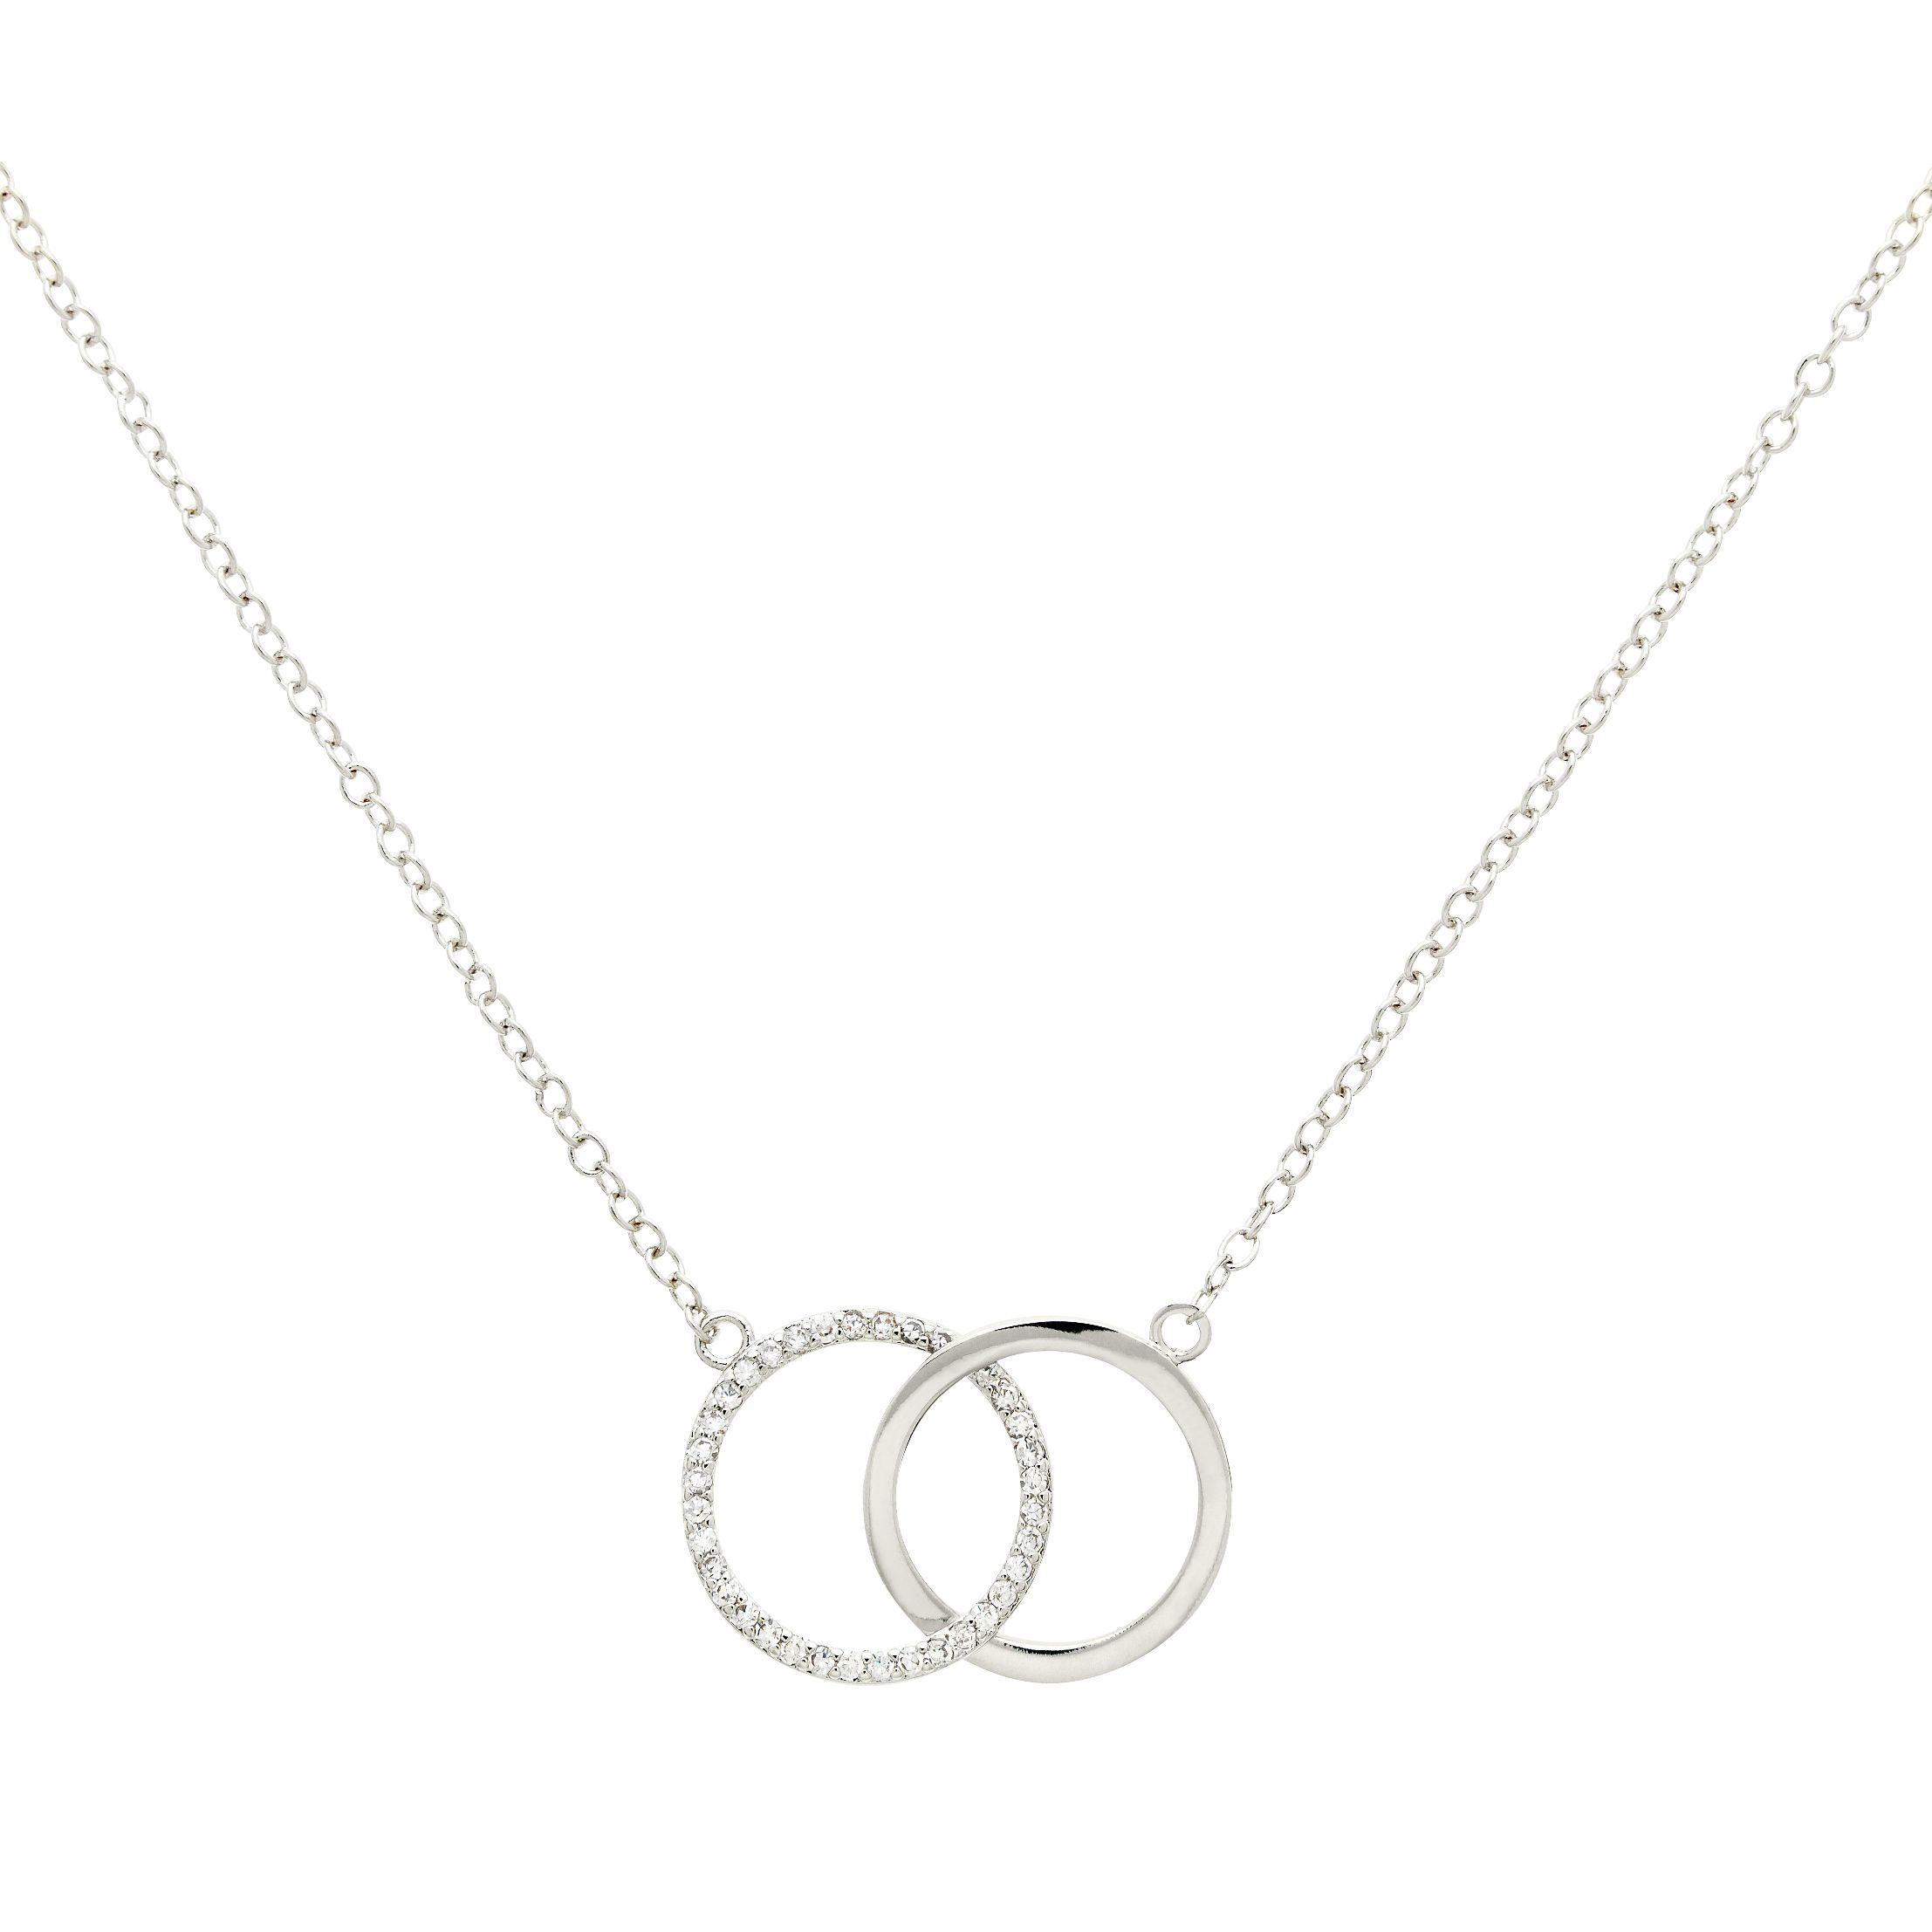 Melissa Odabash Melissa Odabash Glass Crystal Double Circle Pendant Necklace